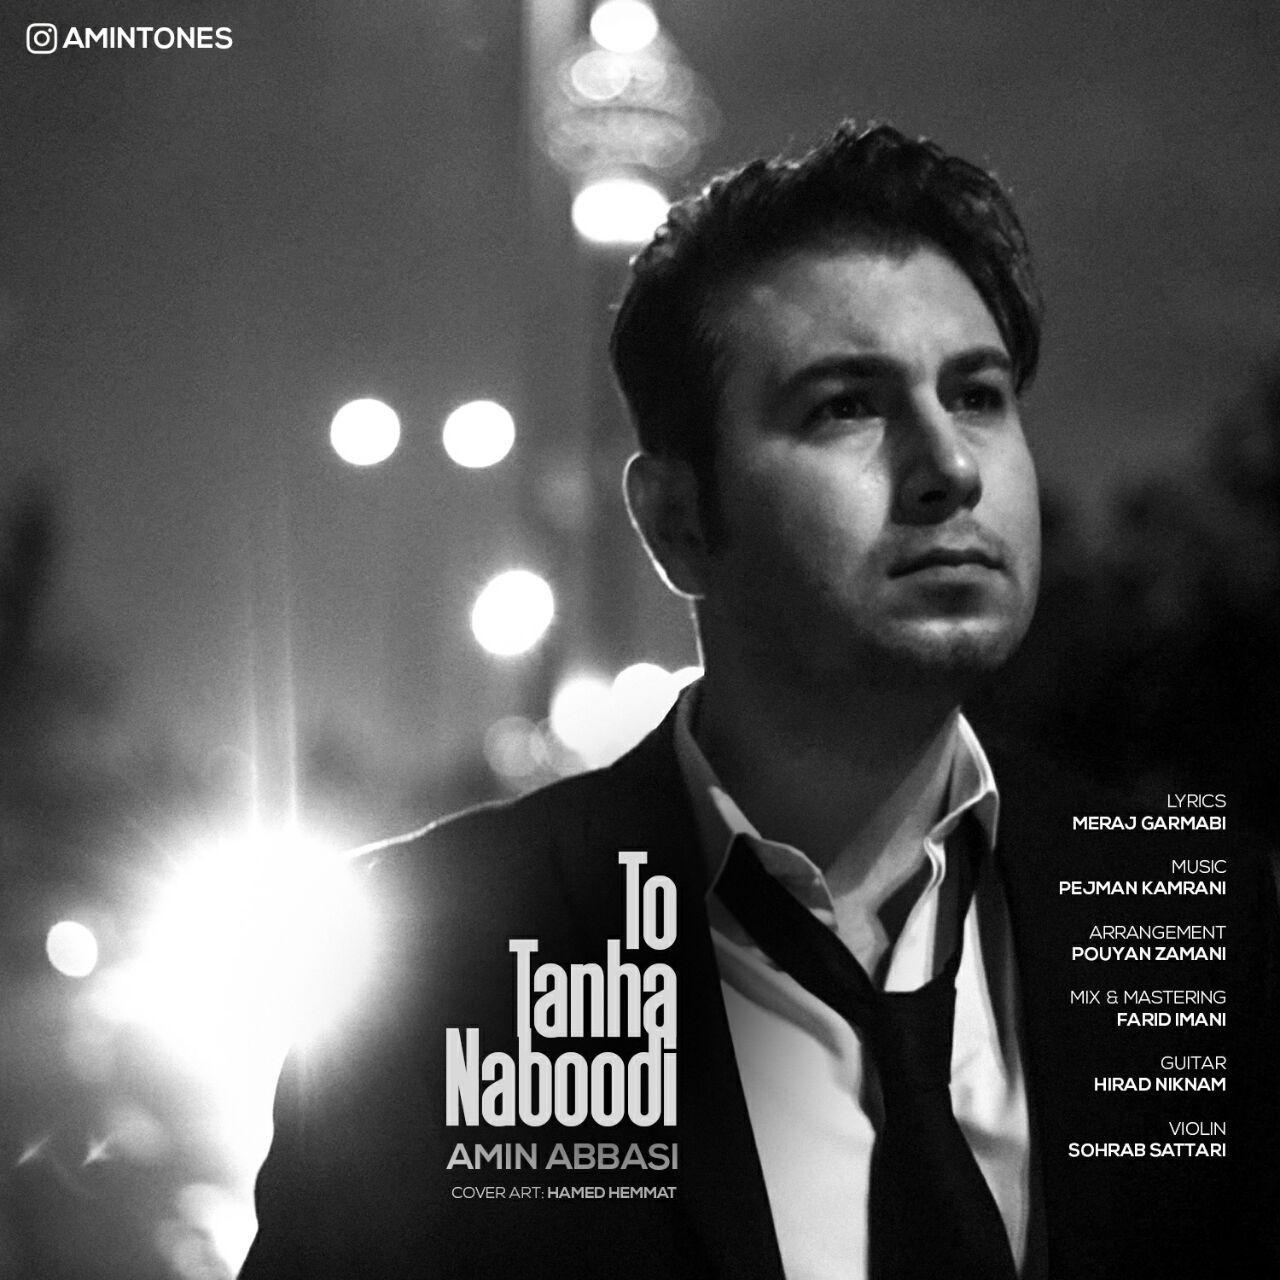 Amin Abbasi – To Tanha Naboodi